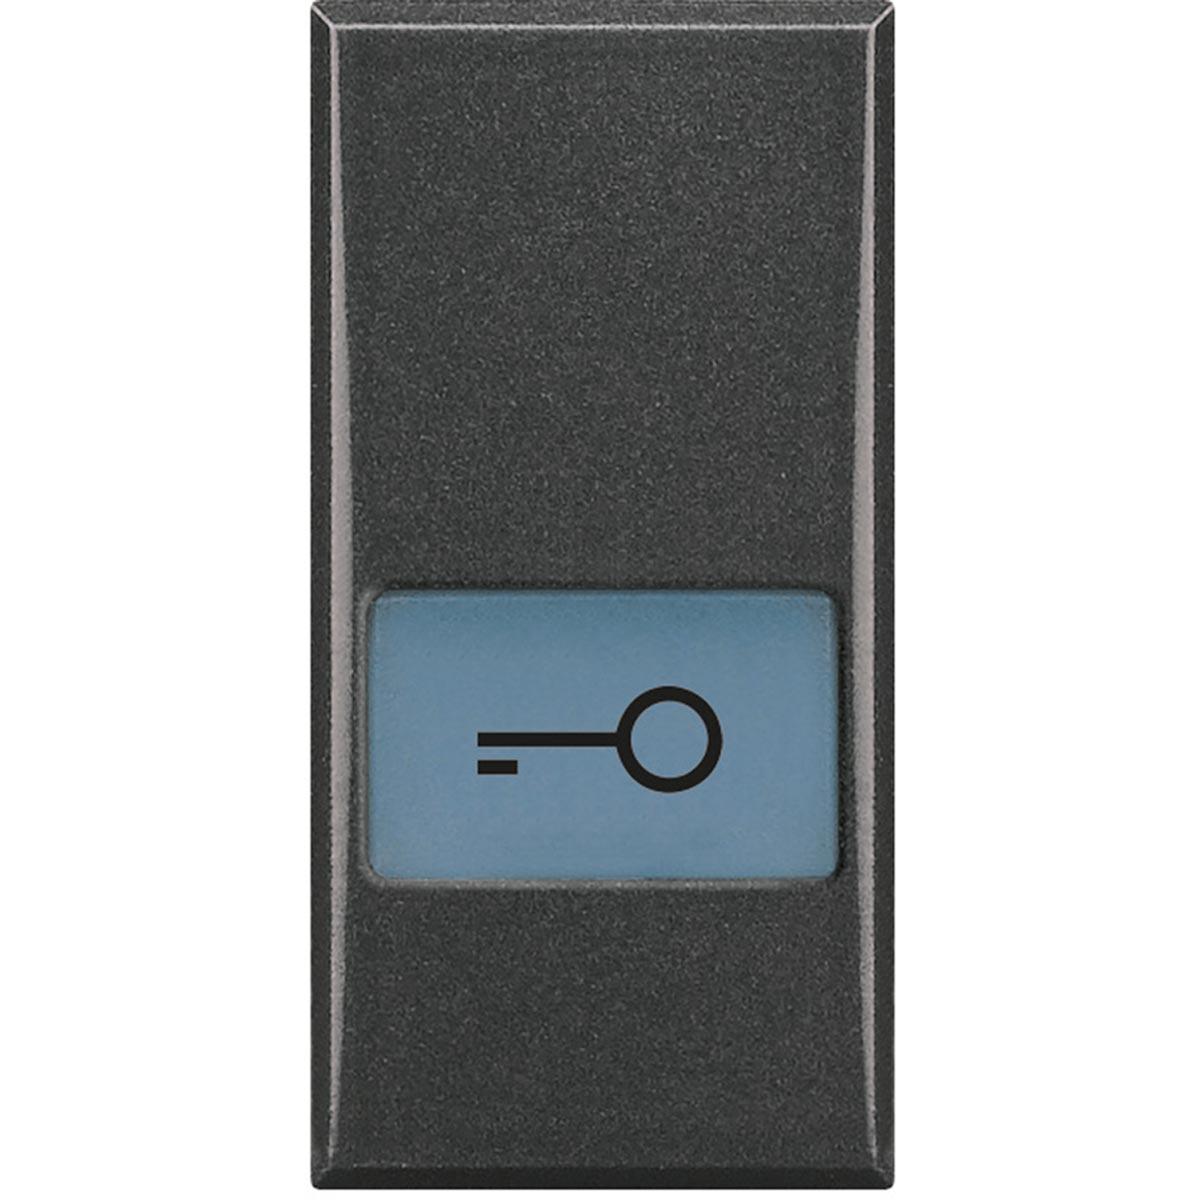 HS4921LF copritasto serigrafato bticino axolute chiave